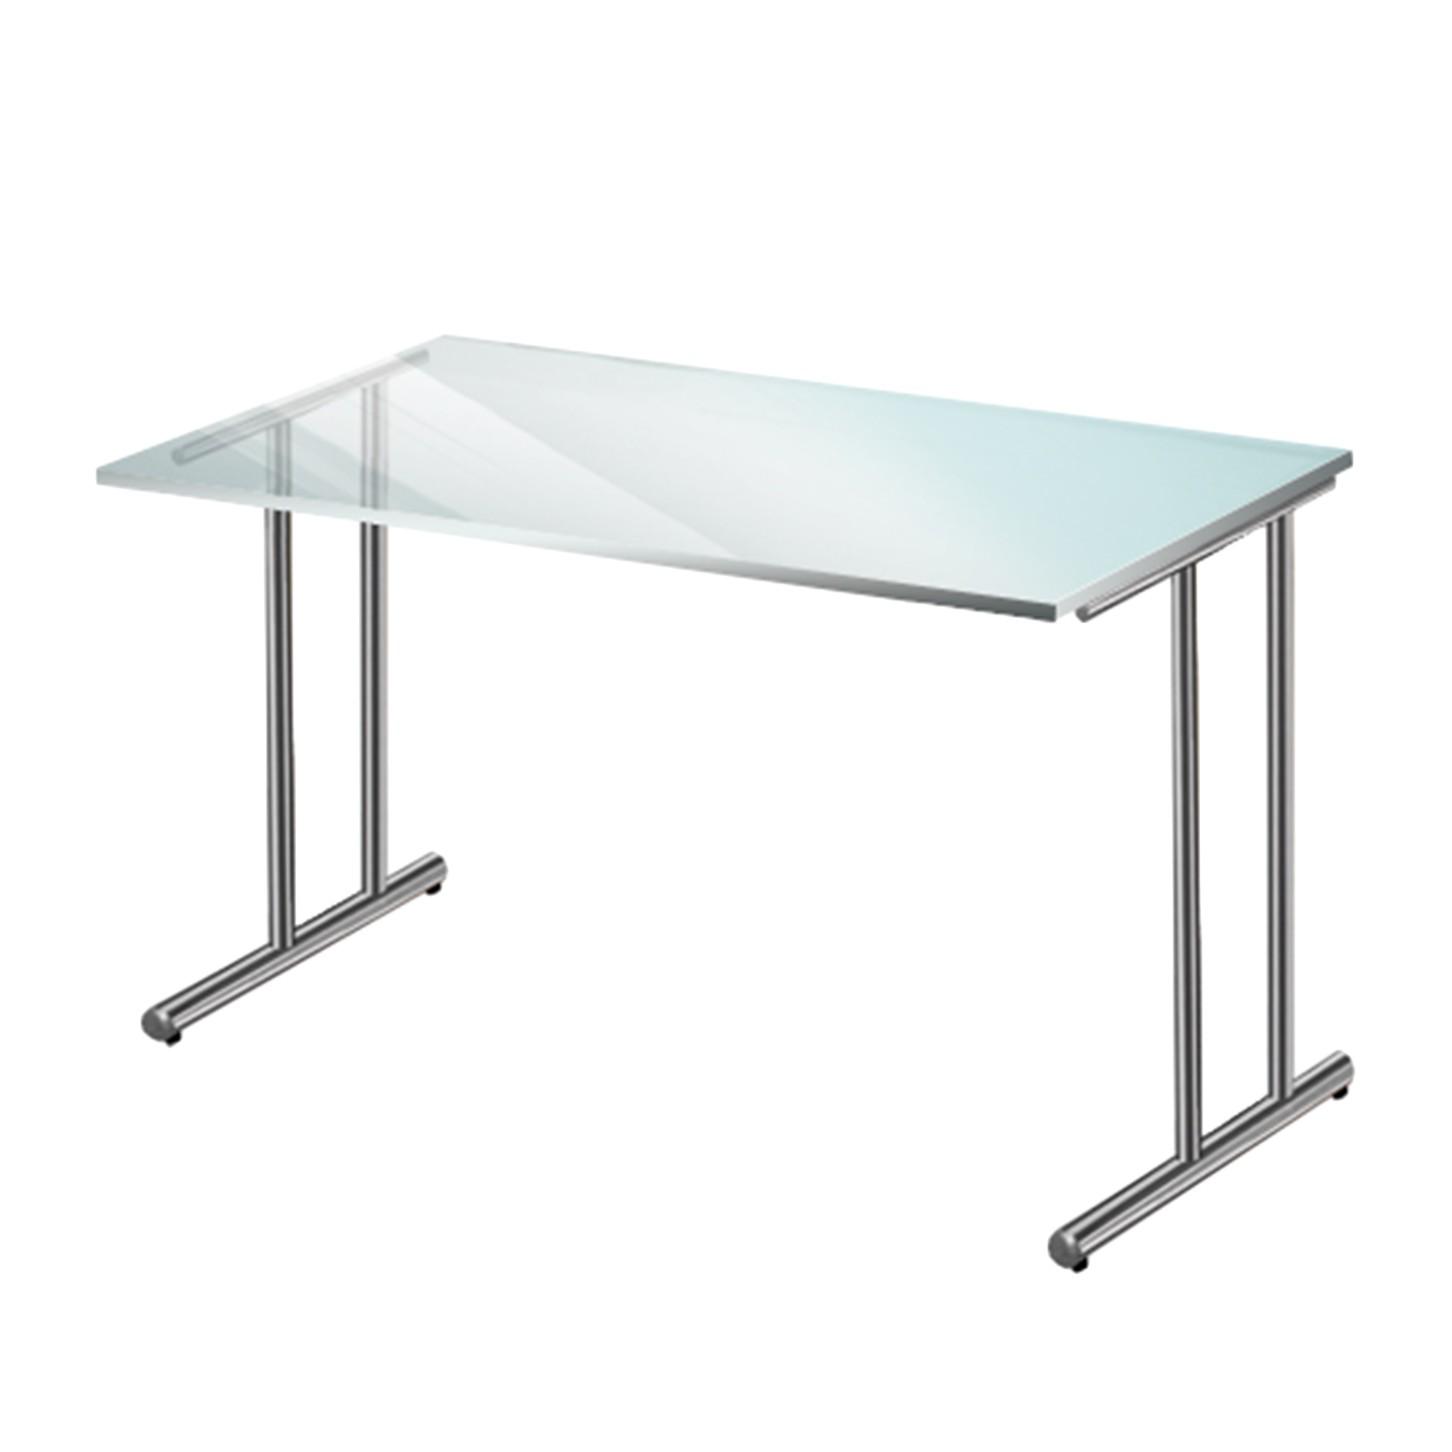 Schreibtisch glas g nstig kaufen for Glas schreibtisch